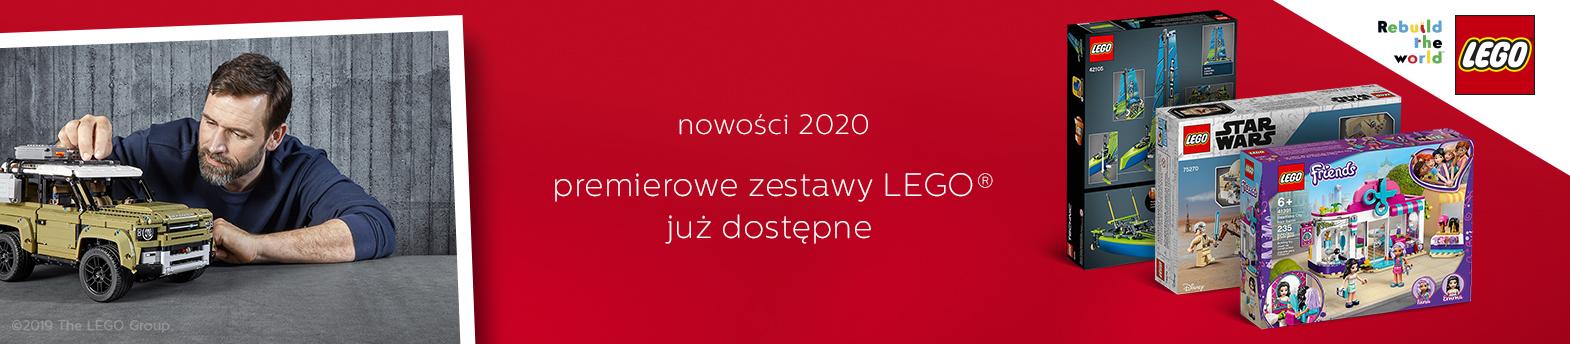 LEGO nowości